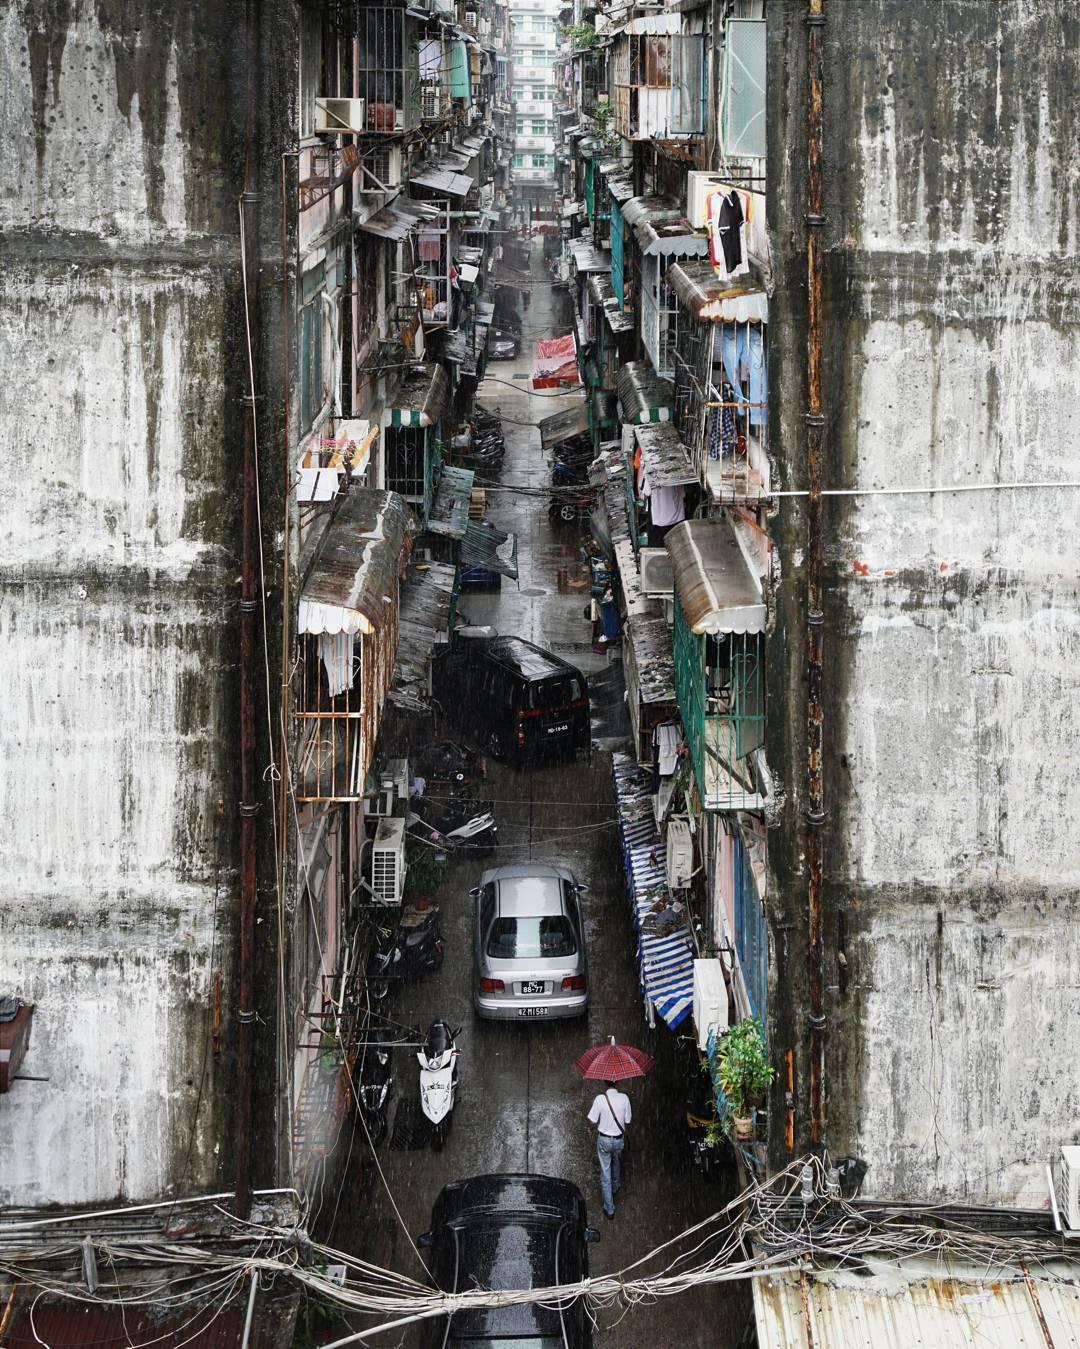 zdjecie uliczki w hong kongu, samochody,balkony